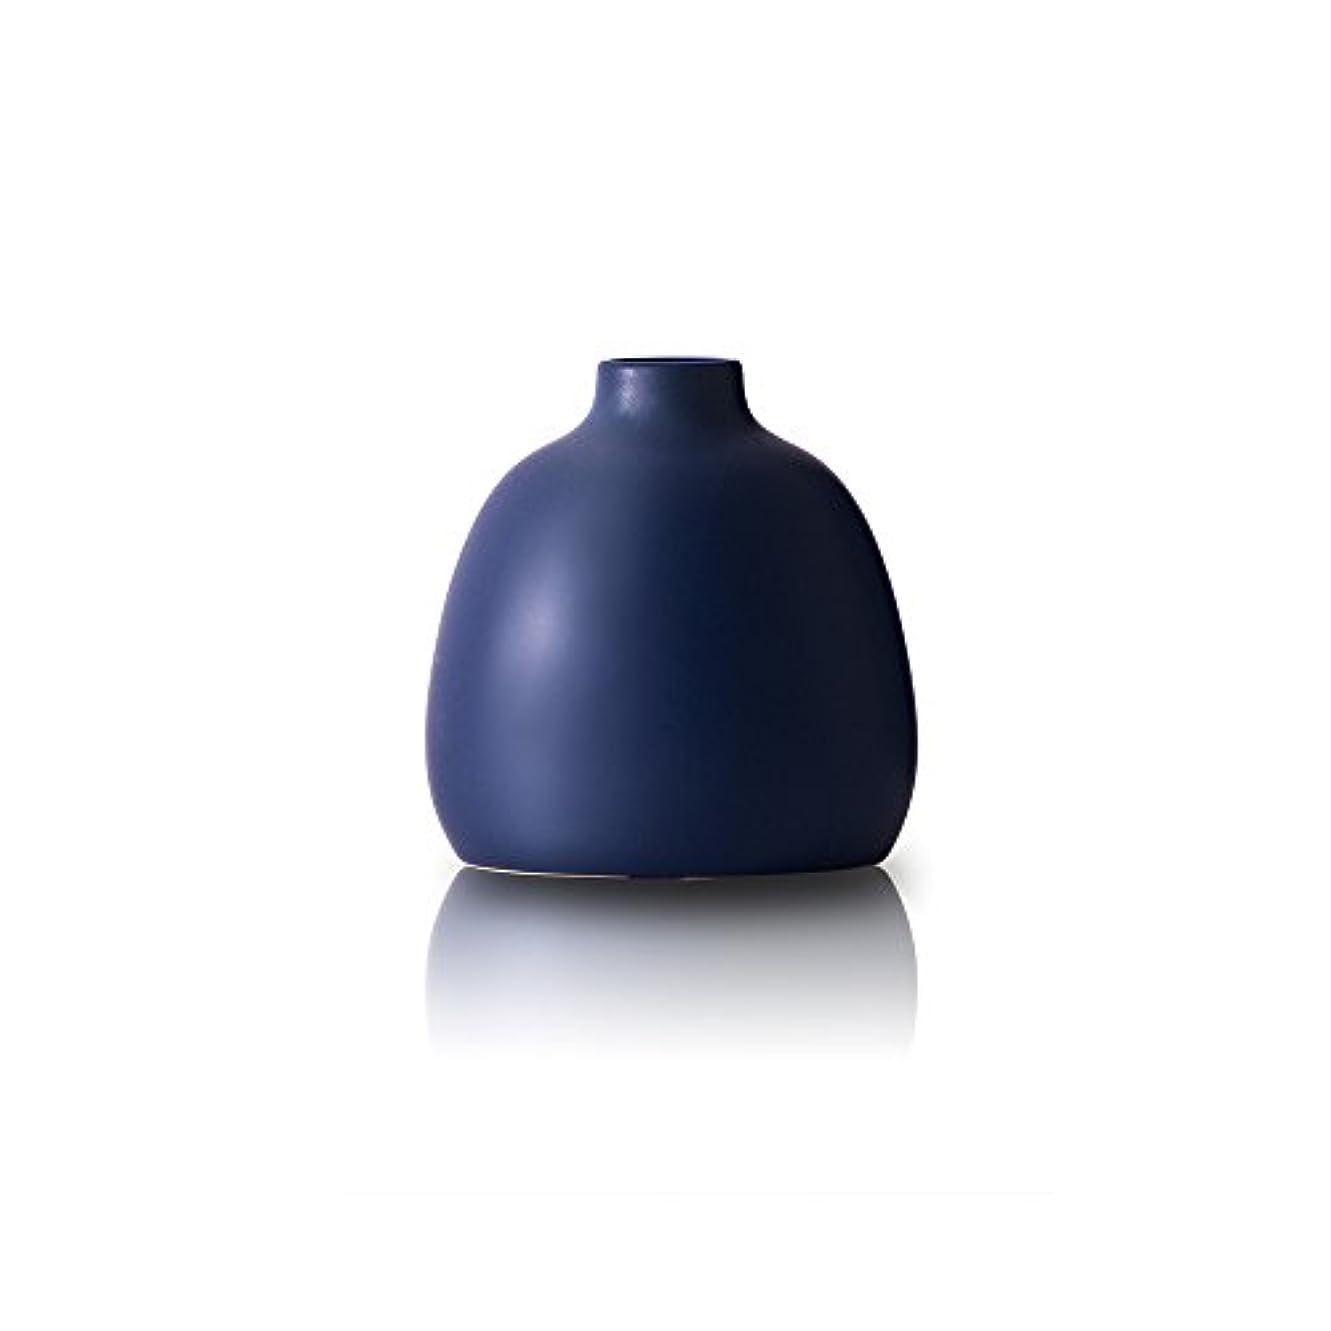 目を覚ます贅沢名誉Onlili 陶器 アロマディフューザー ブルー